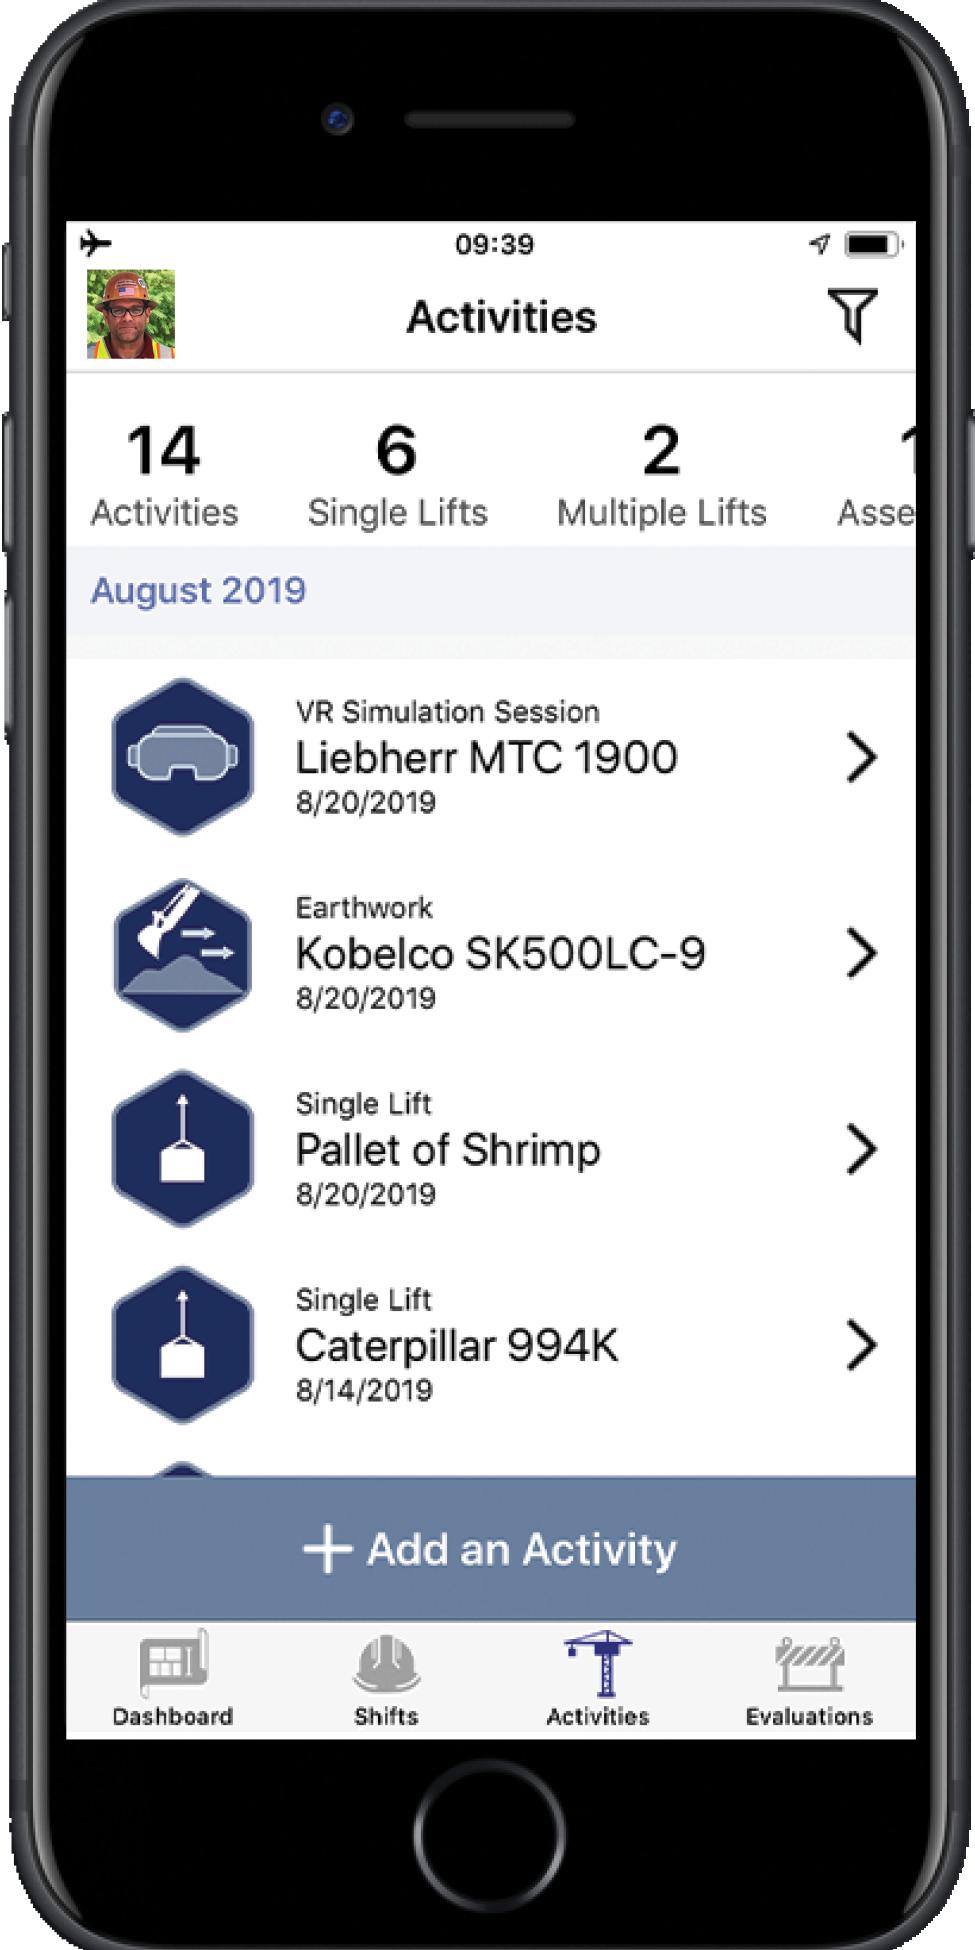 OperatorPRO-SmartPhone-Activities